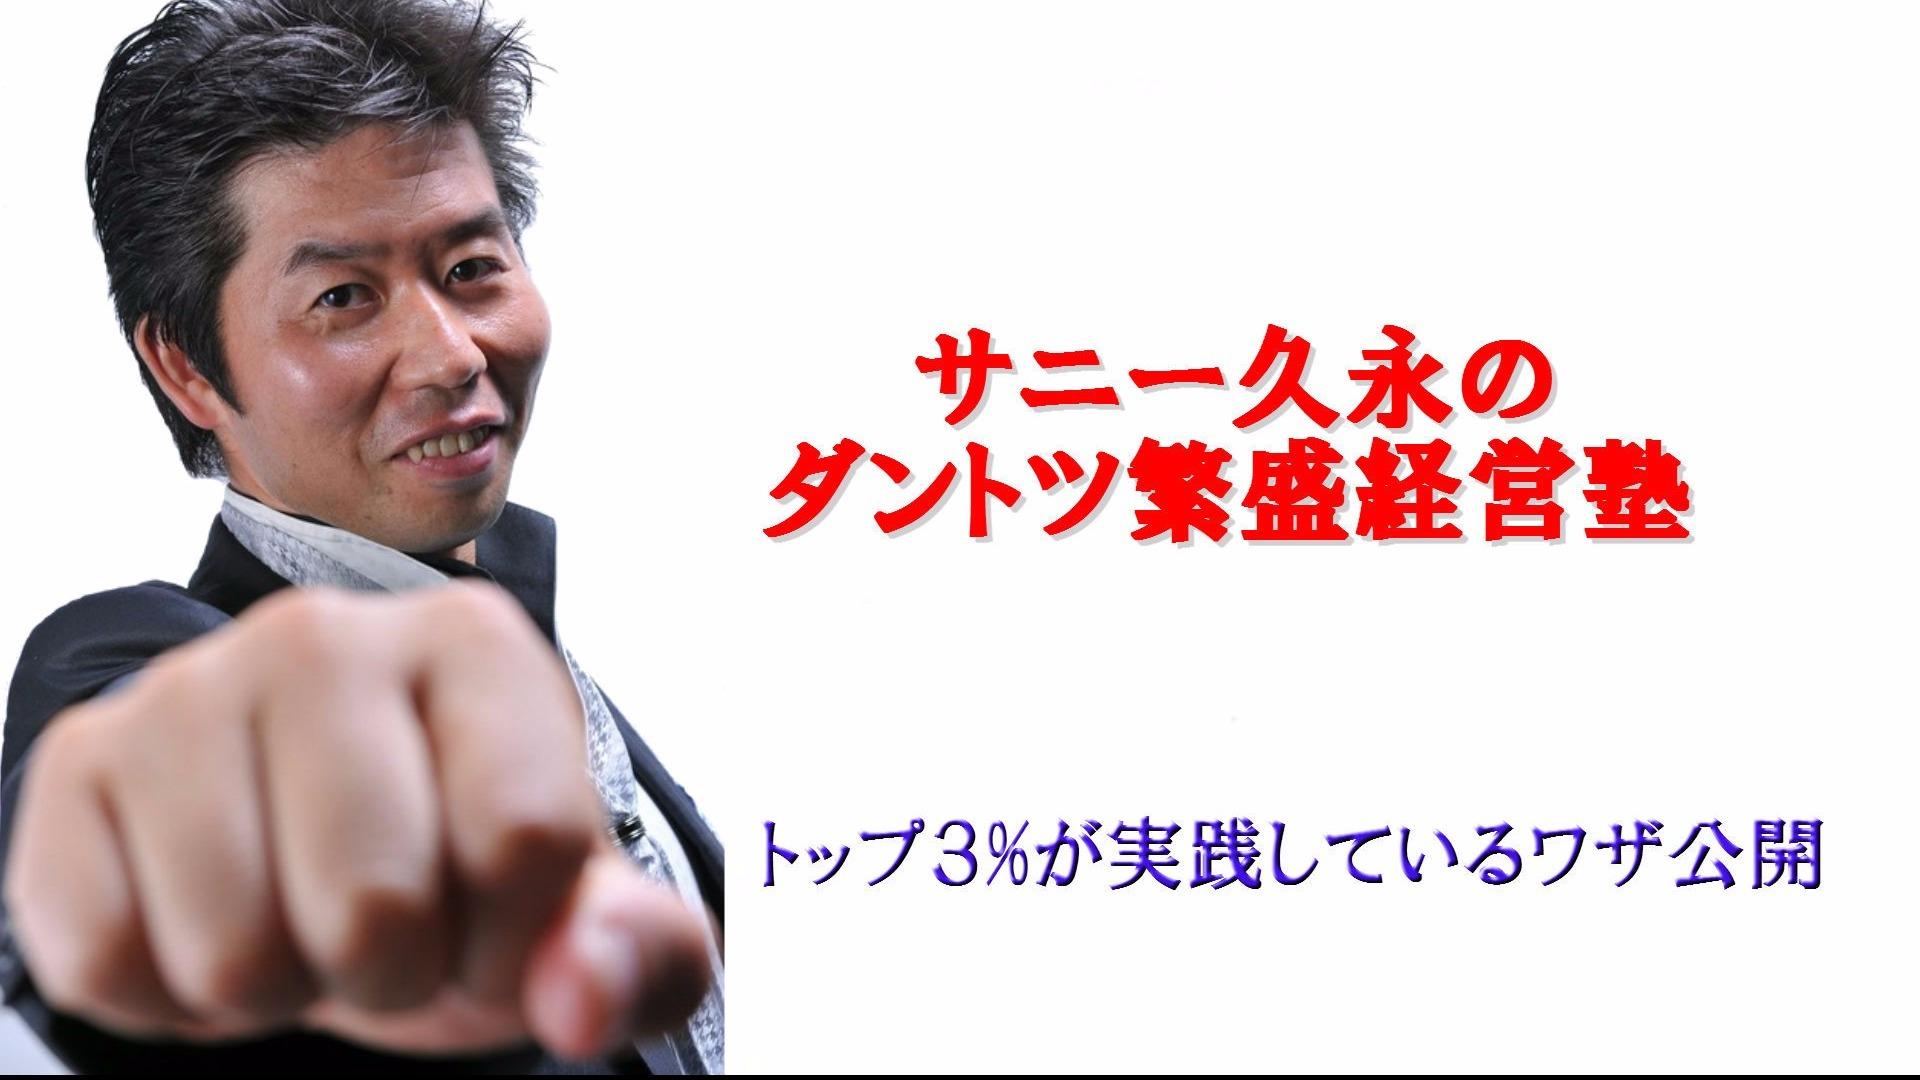 サニー久永 (久永陽介) - ダントツ繁盛経営塾  トップ3%が実践しているワザ公開! - DMM オンラインサロン